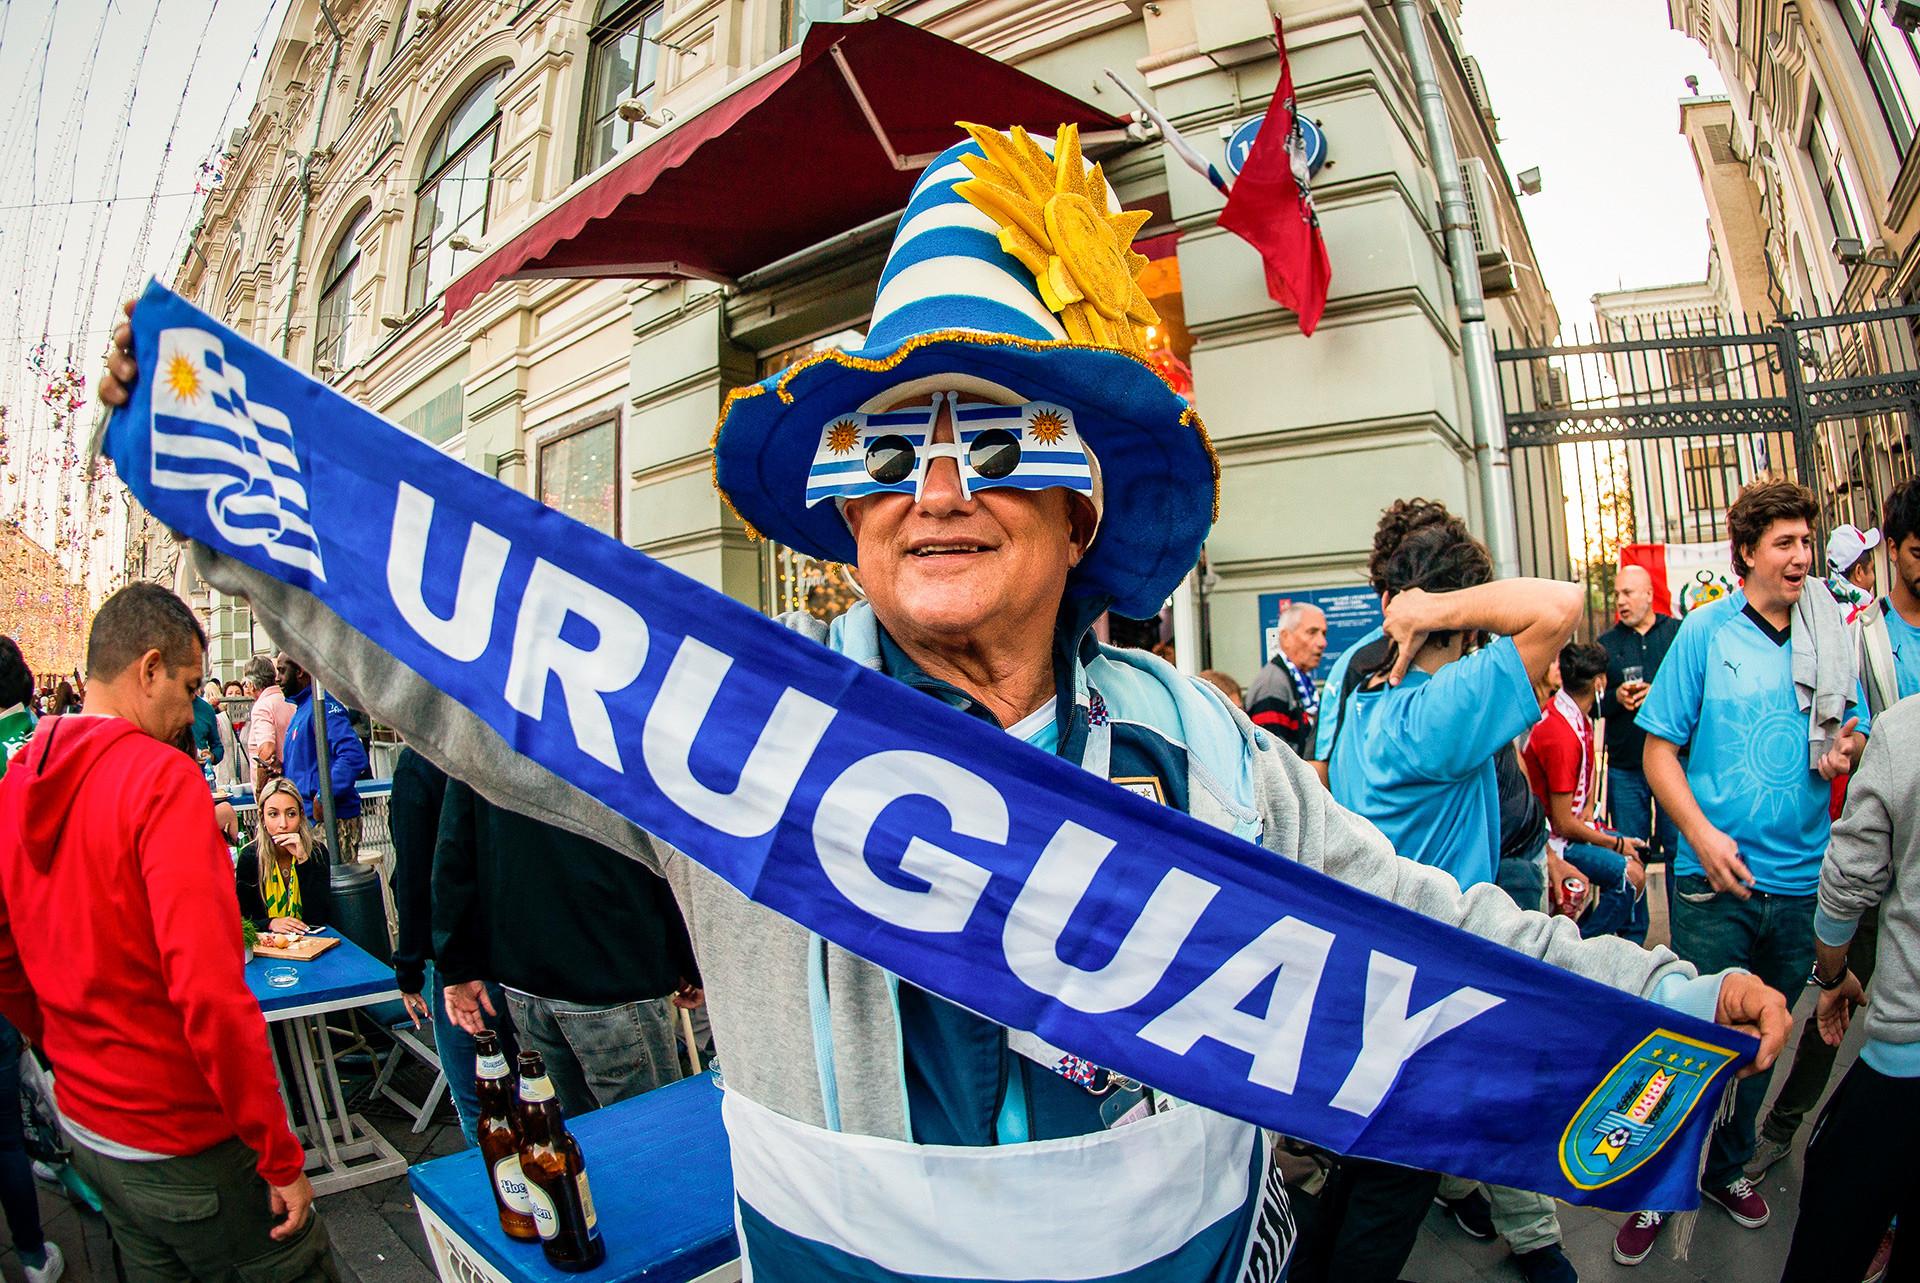 Suporter Uruguay merupakan salah satu suporter paling berisik di Moskow. Timnas mereka akan berusaha keas untuk mematahkan semangat Rusia dengan menurunkan pasangan Luis Suarez dan Edinson Cavani yang menakutkan.